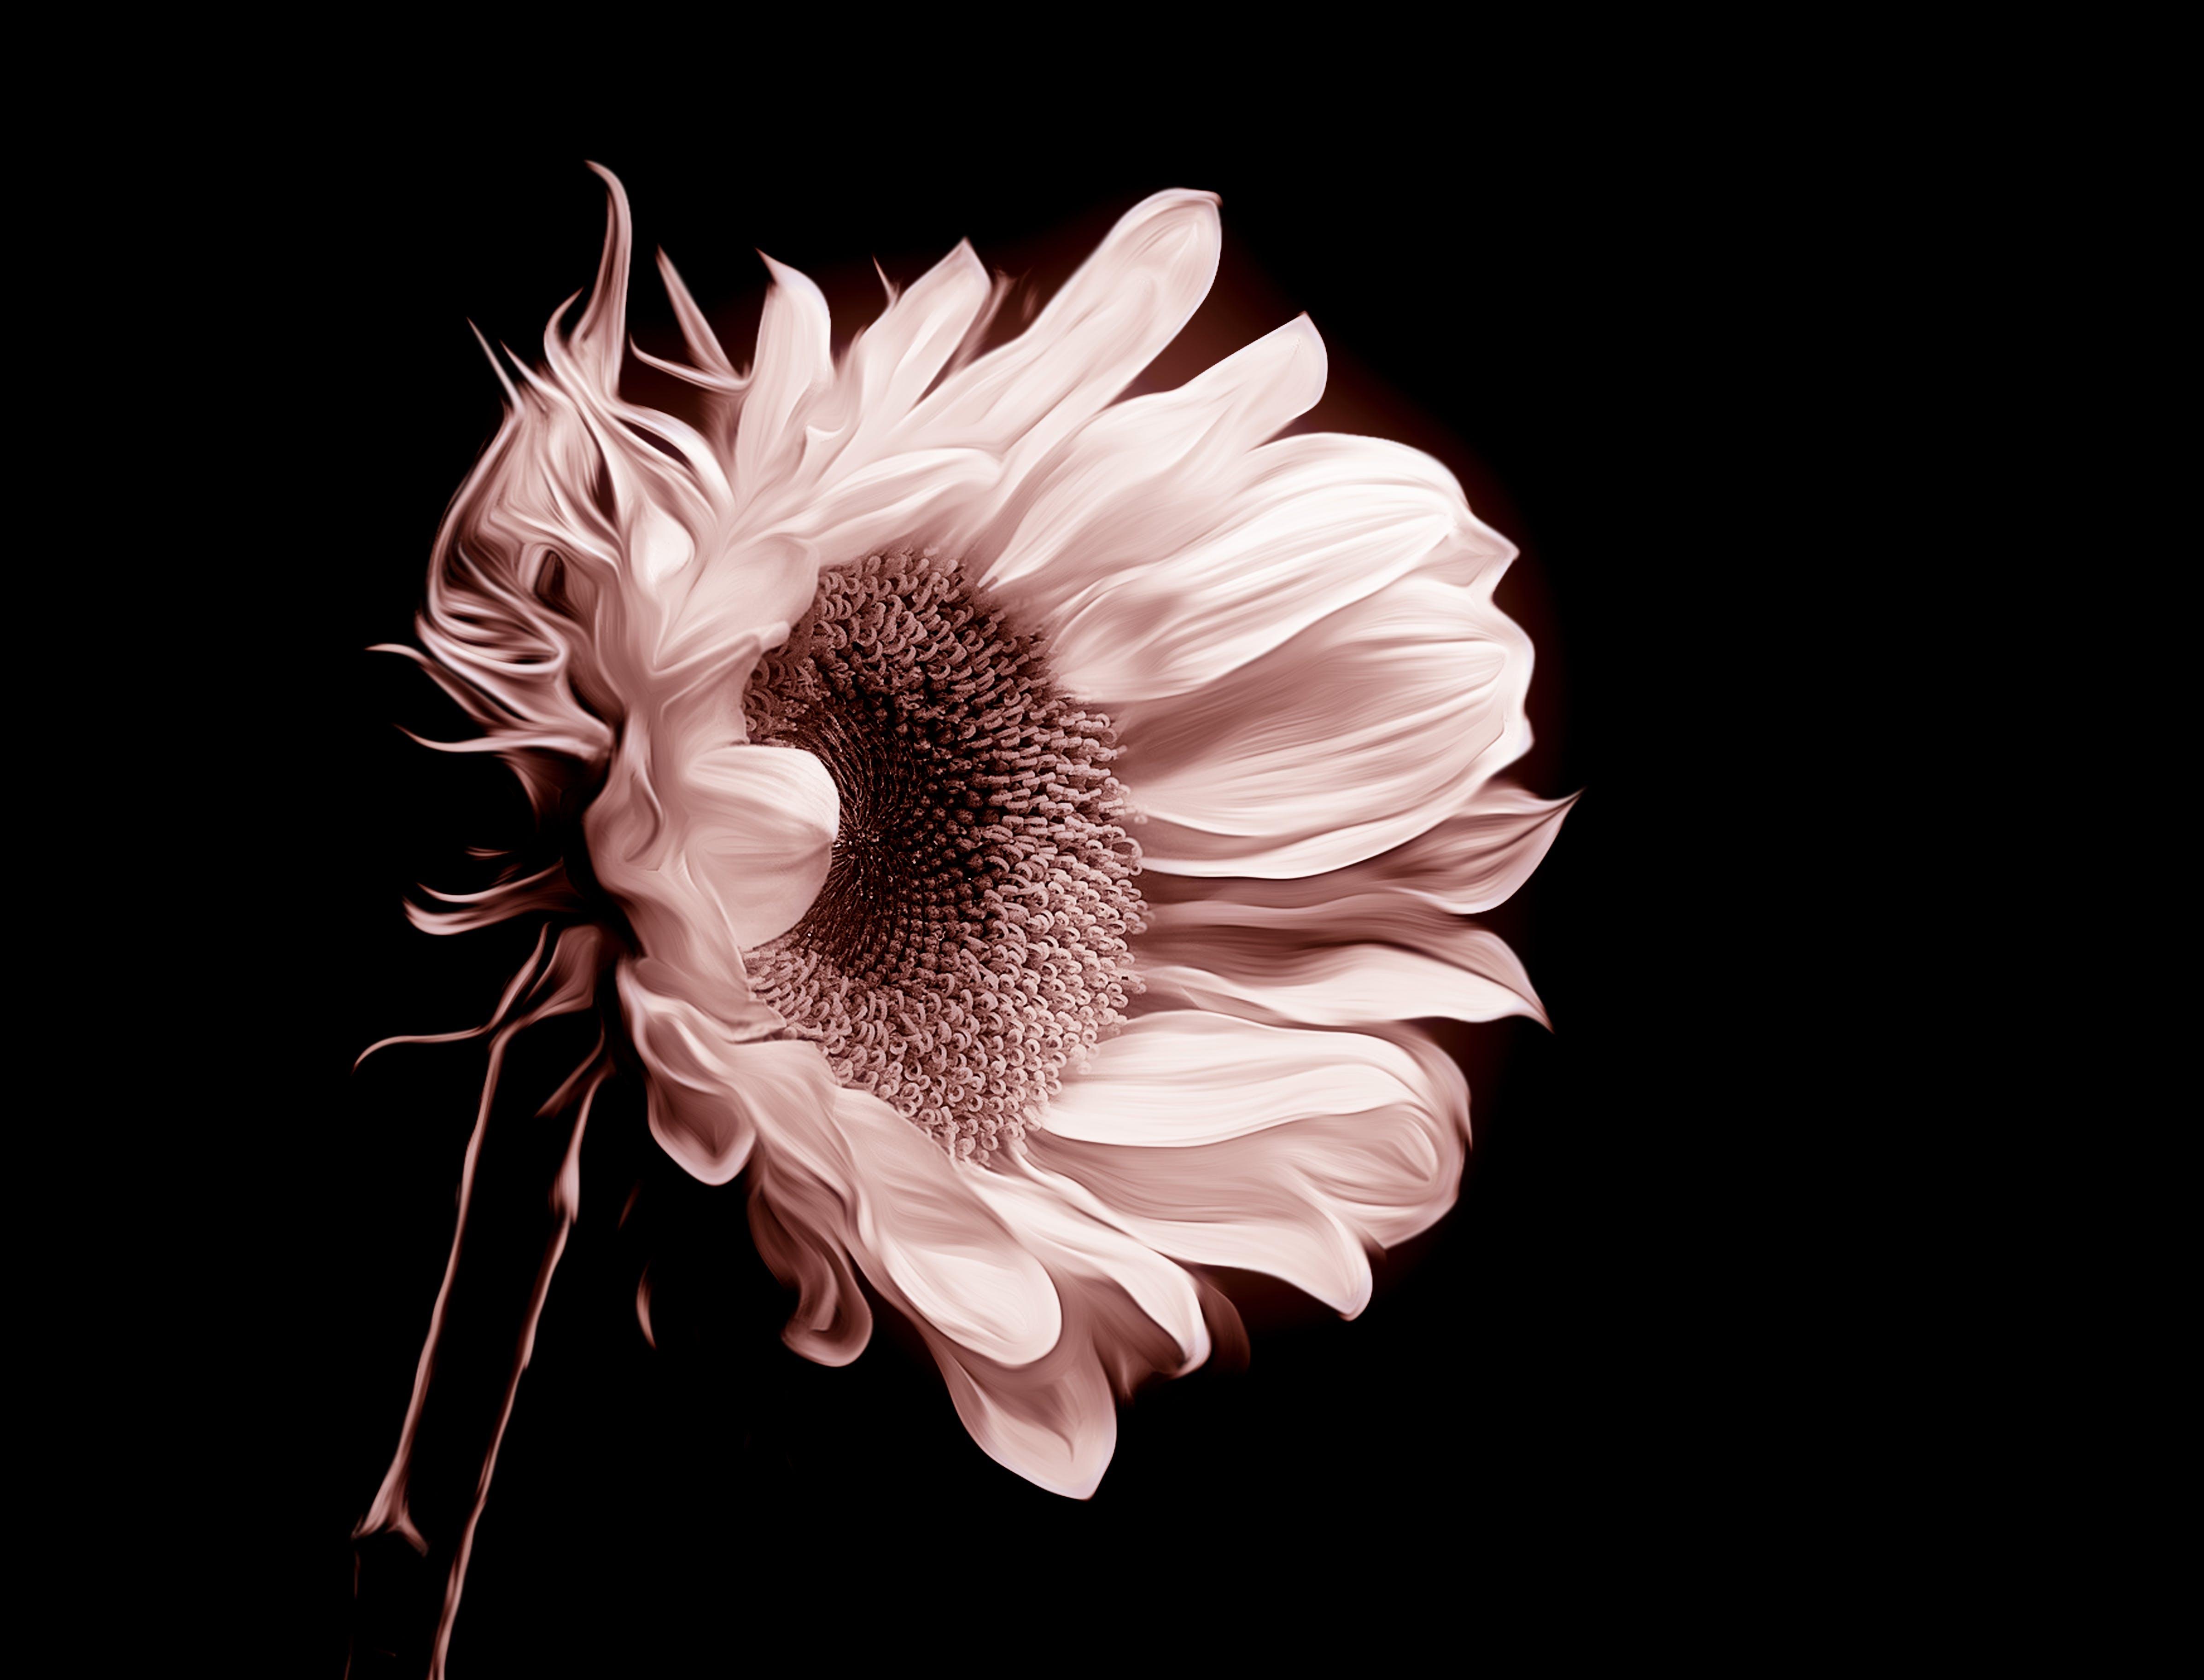 Closeup Photo of Sunflower Flower